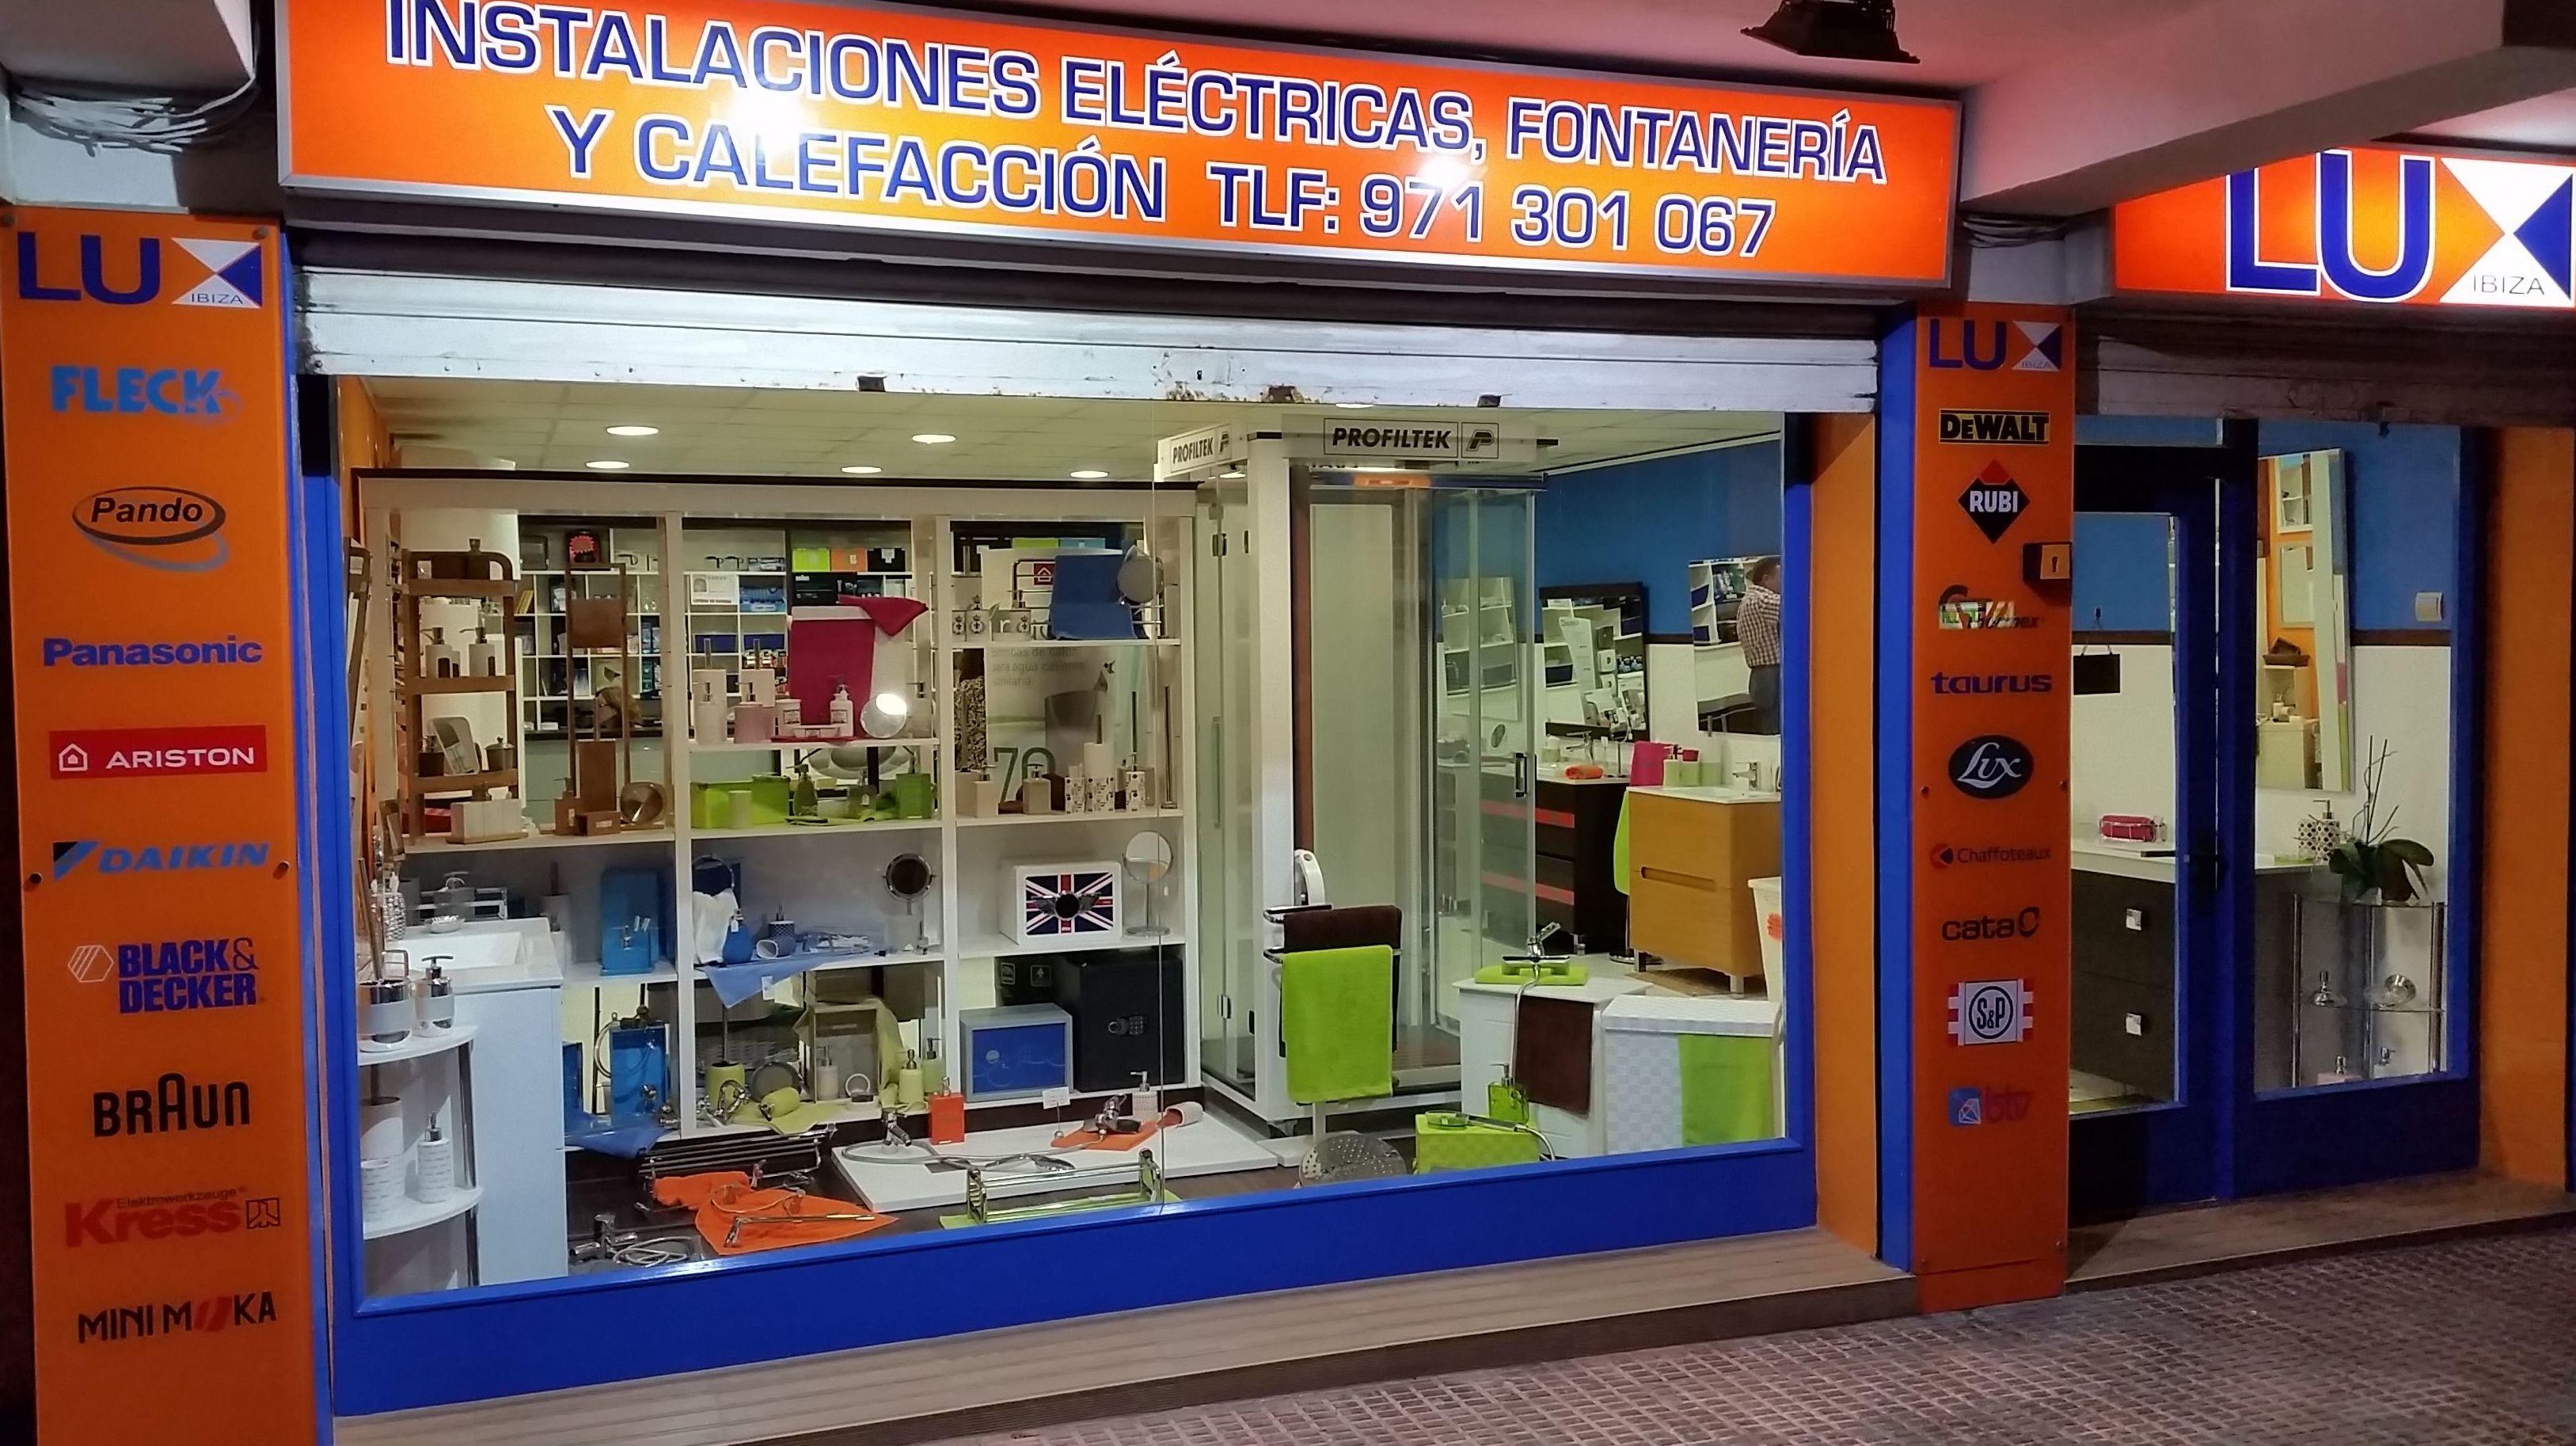 Electricidad, fontanería, calefacción en Baleares